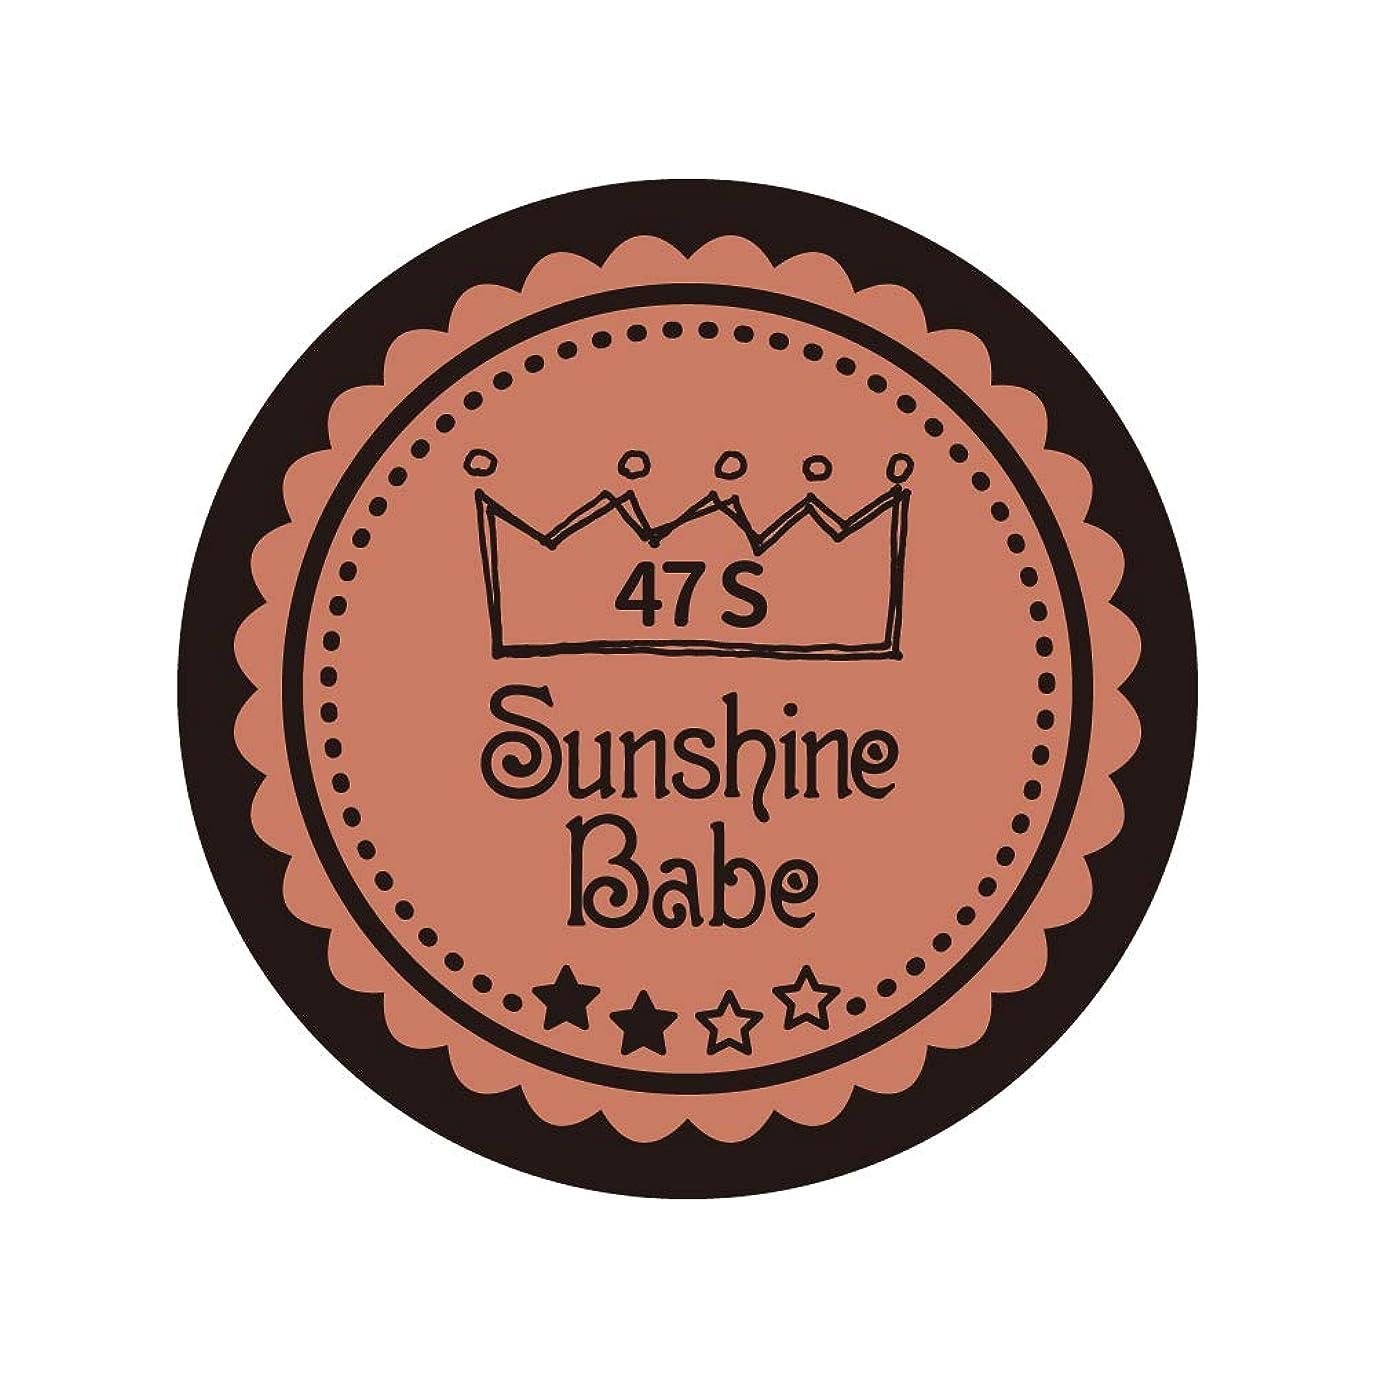 キロメートルバンガロー活気づけるSunshine Babe カラージェル 47S ピーチブラウン 2.7g UV/LED対応